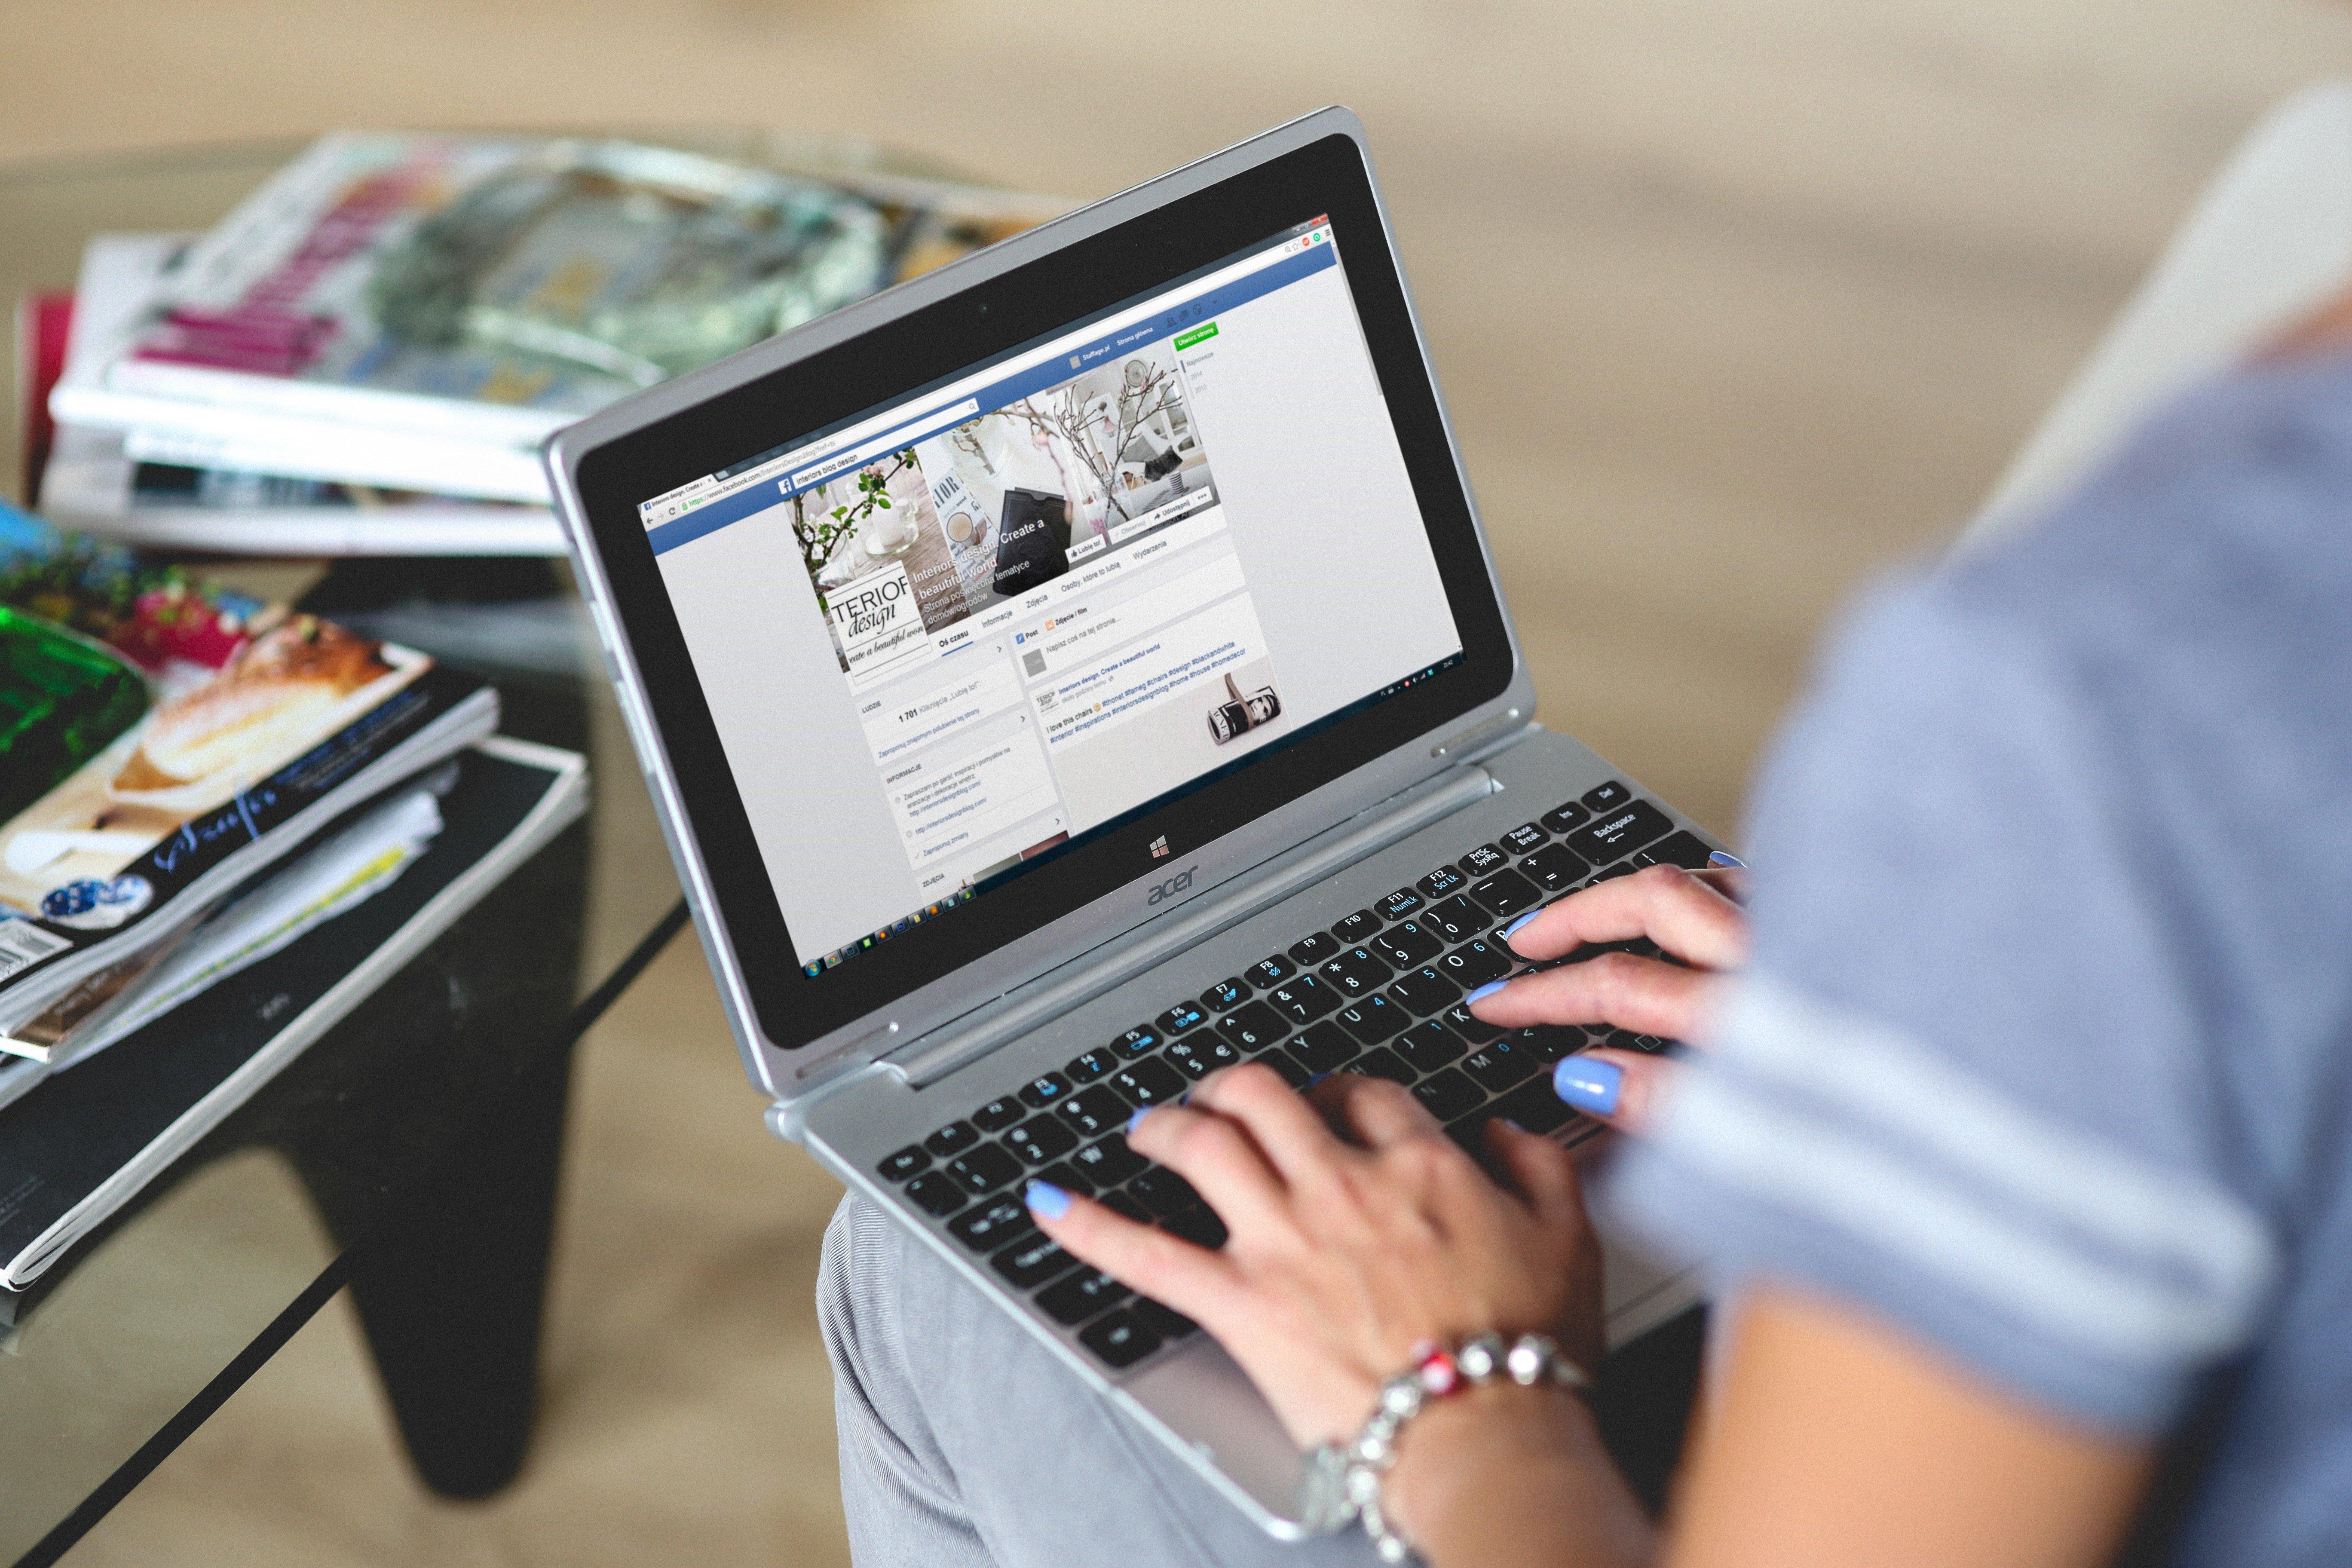 Frau am Laptop | Quelle: Pexels